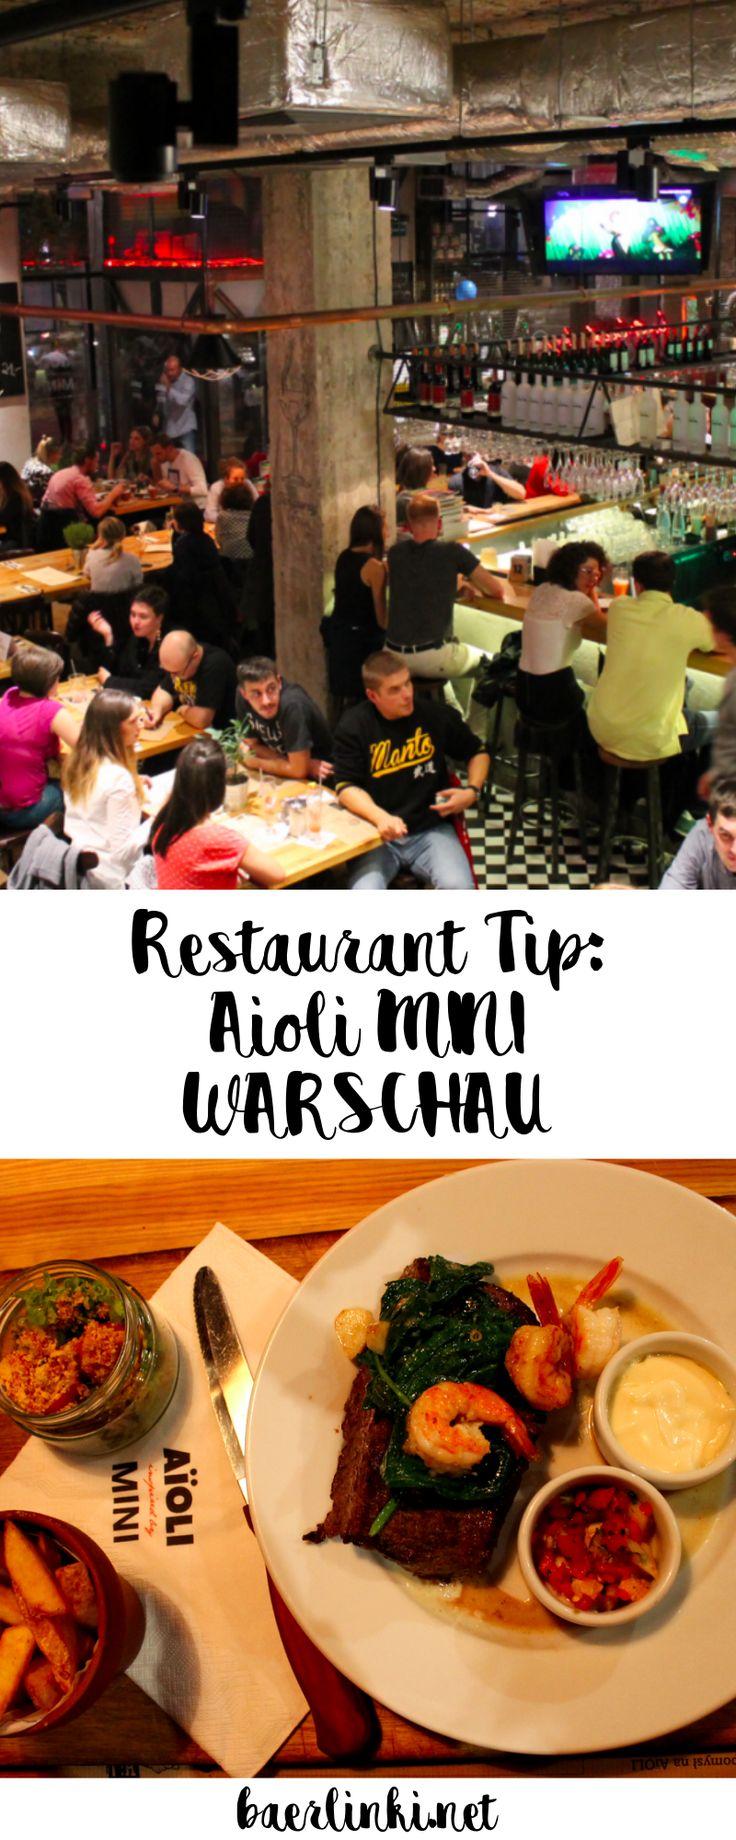 Ihr seid hungrig und fragt euch wo man in Warschau 'nen juten Happen essen kann? Dann habe ich einen tollen Restaurant-Tipp für euch!